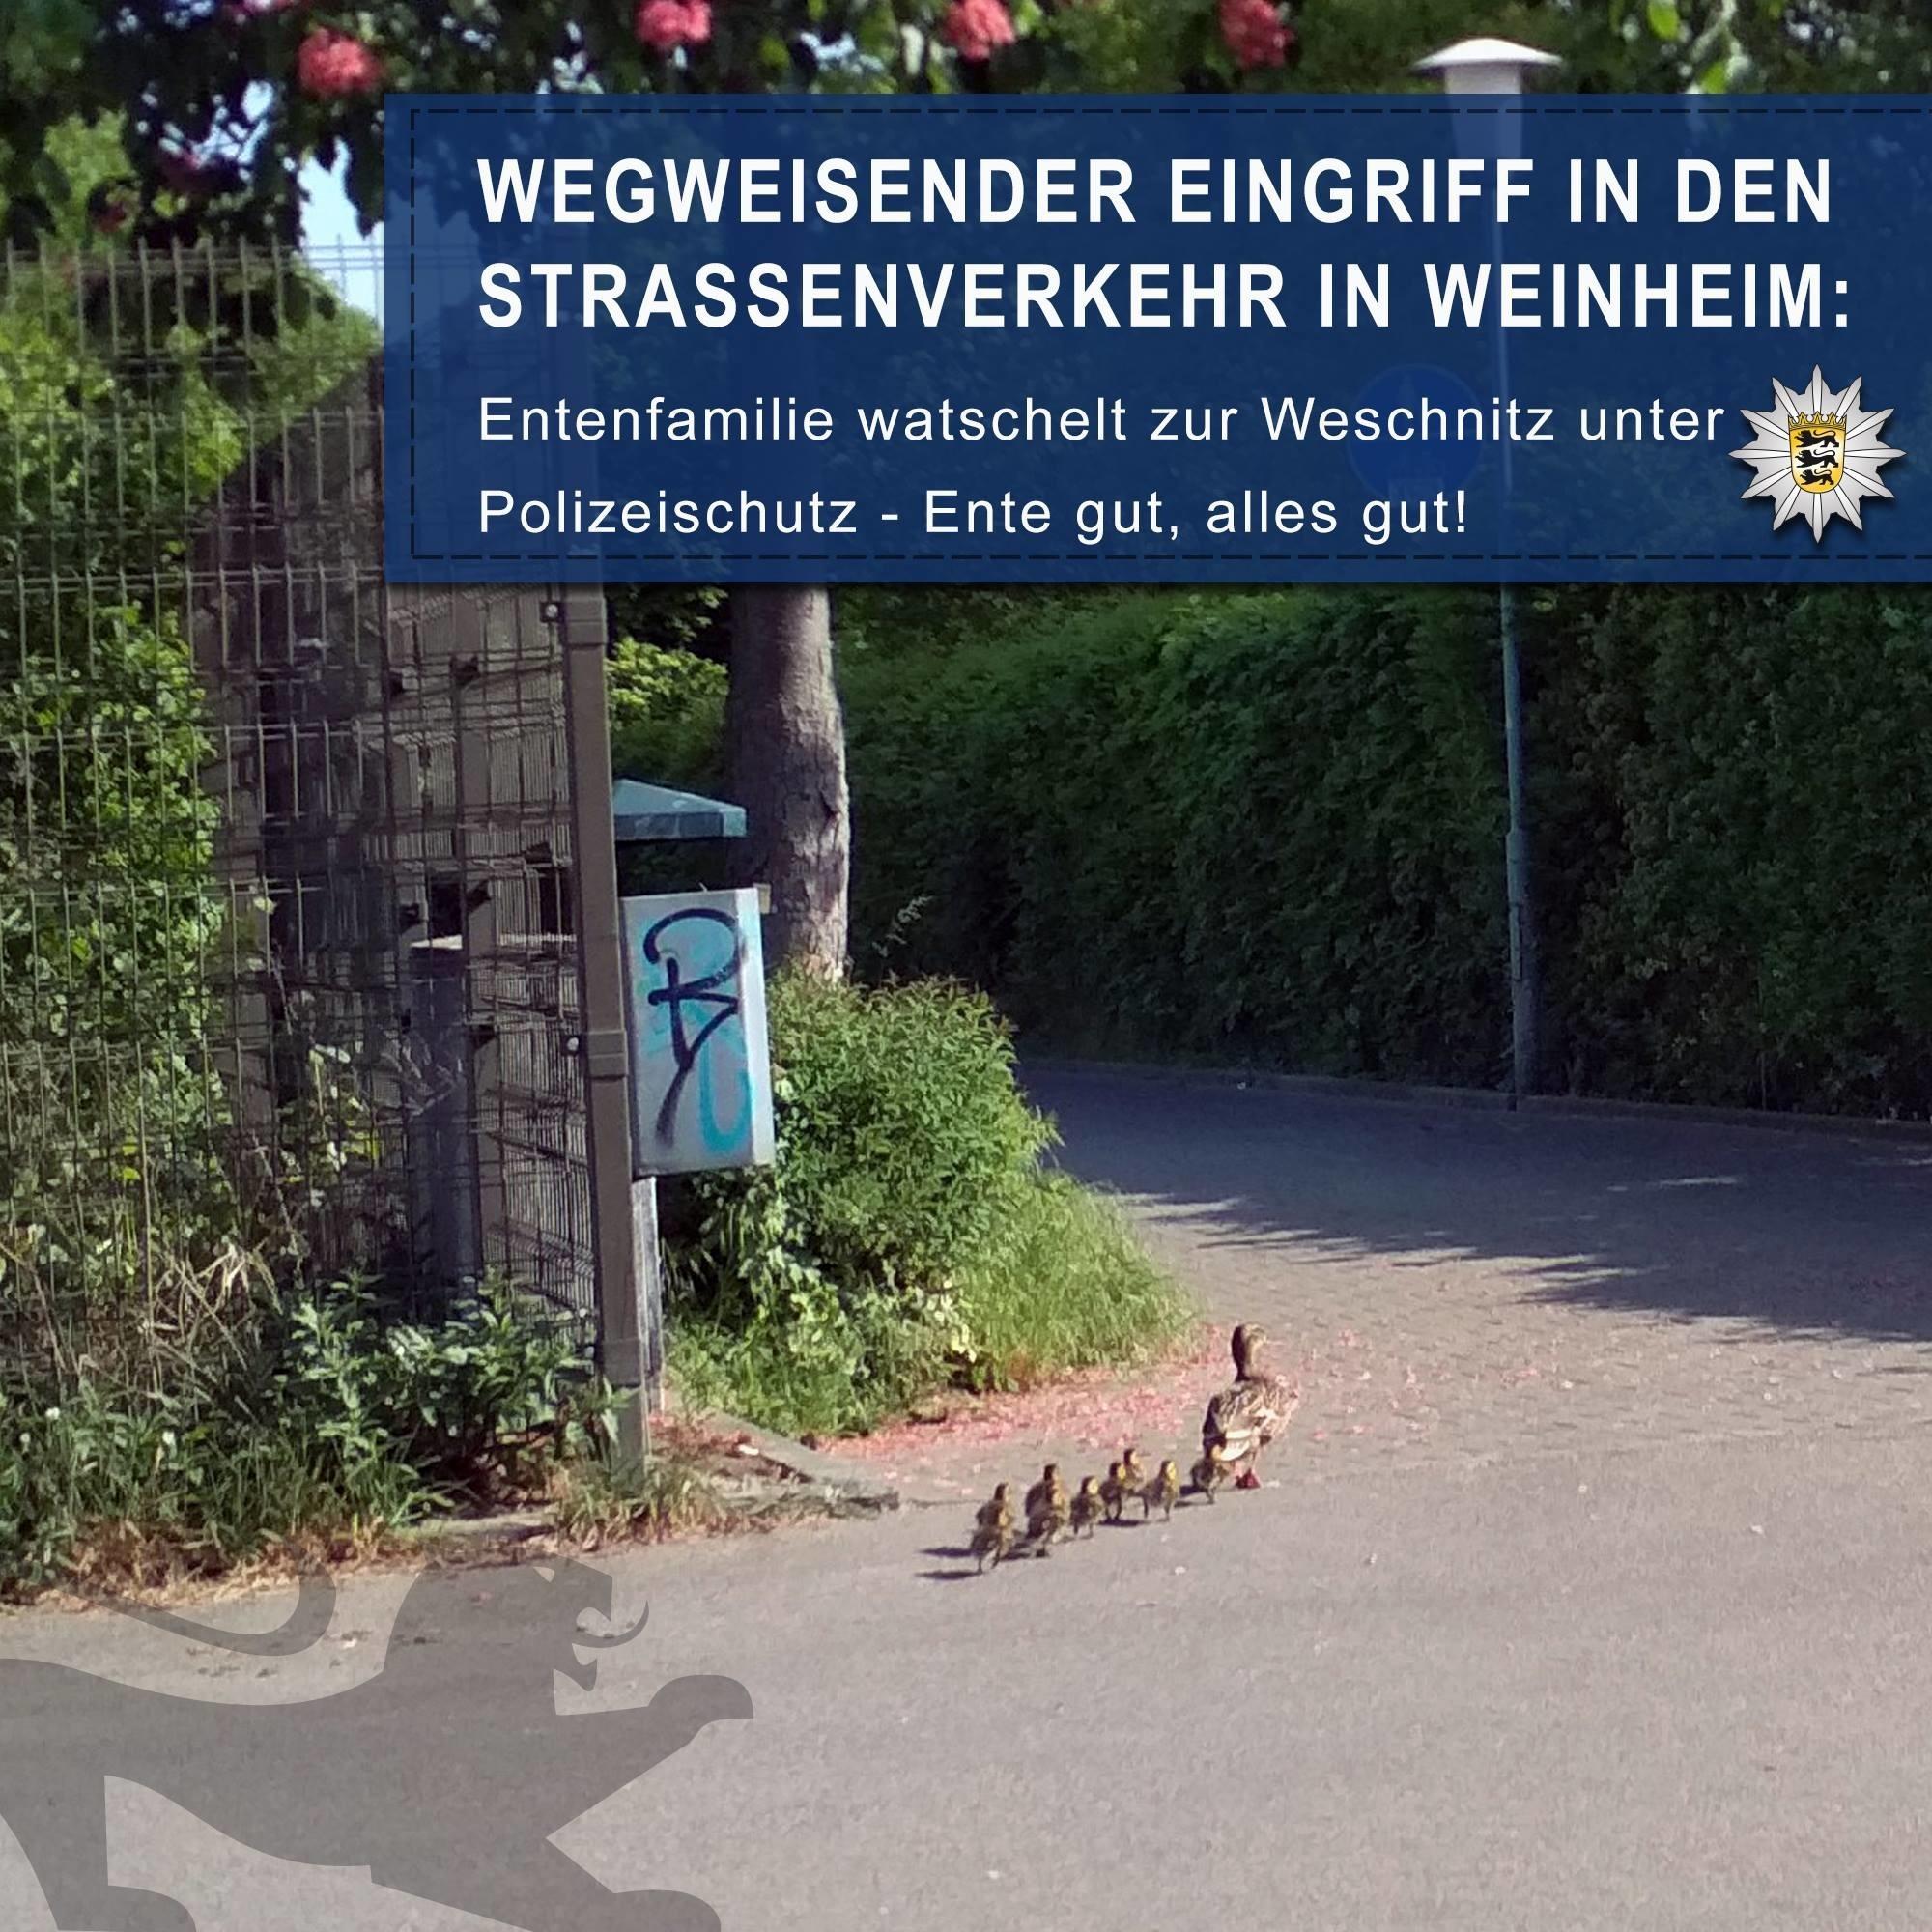 Weinheim Polizei Eskortierte Verirrte Entenfamilie Bergstraße